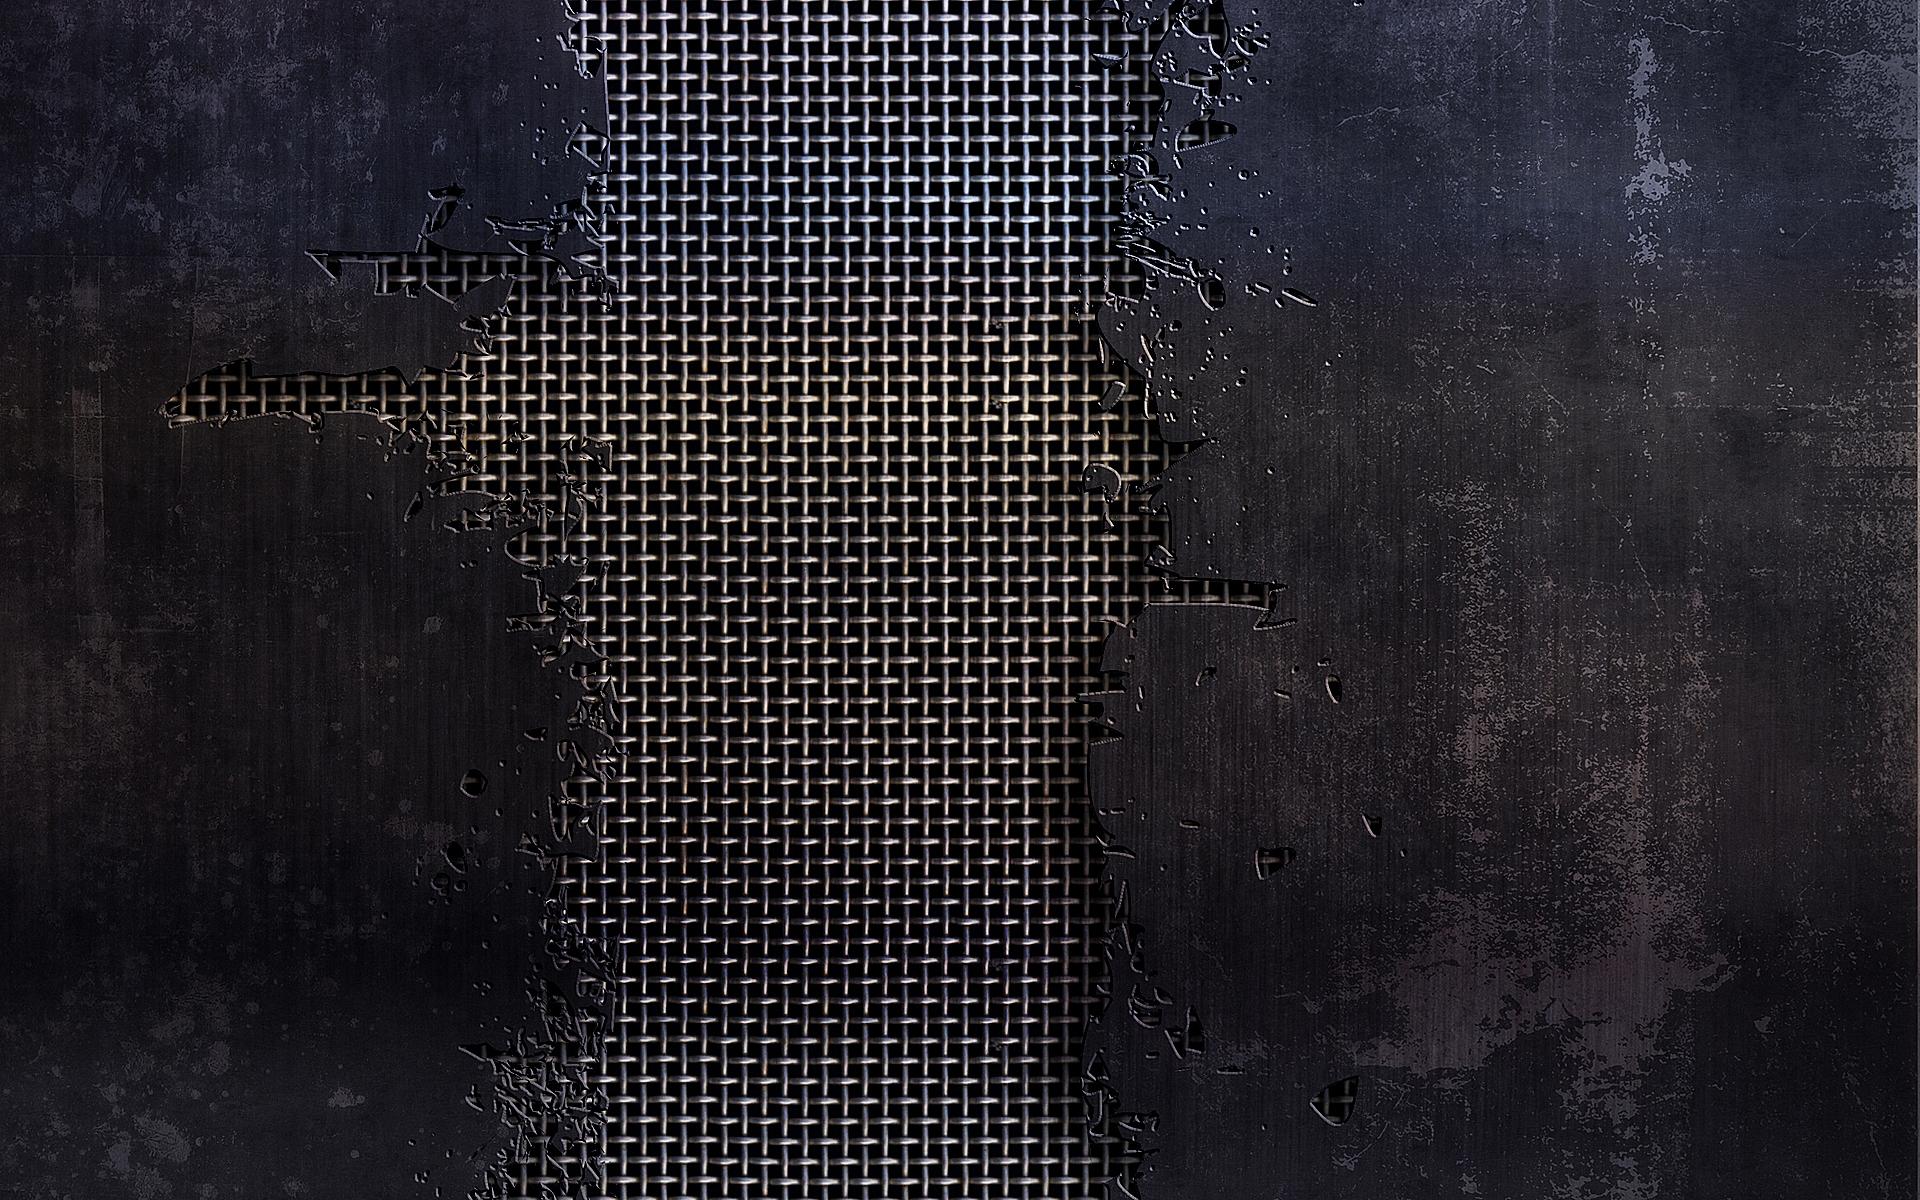 Industrial textures, backgrounds, download, industrial texture ...